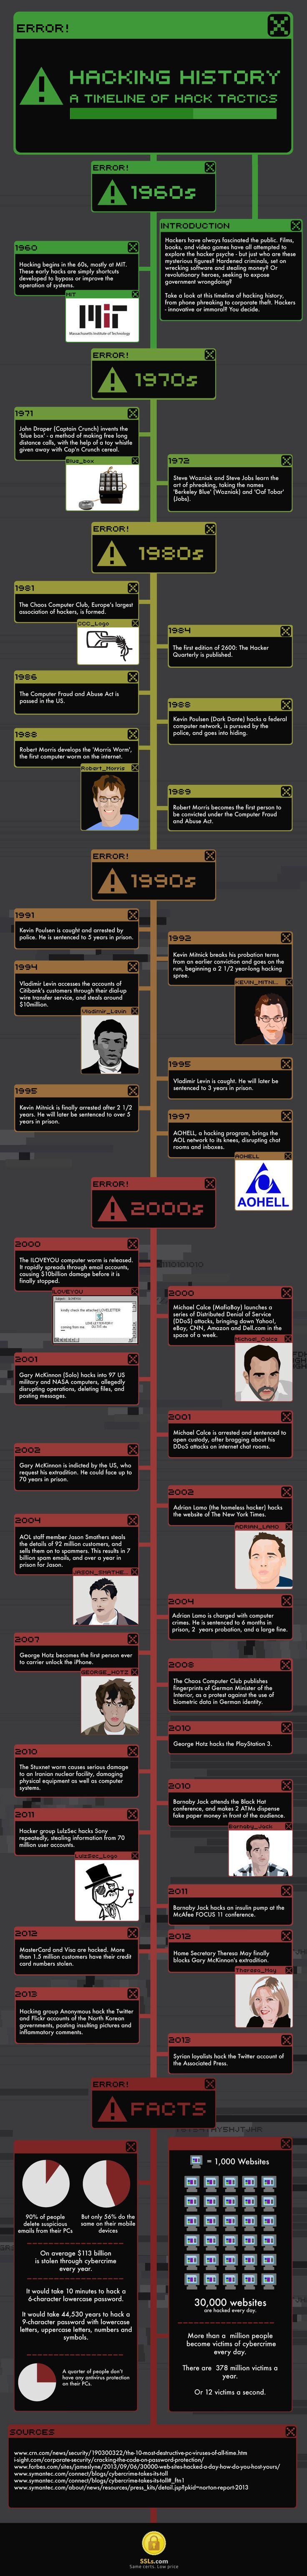 La historia del hacking: hechos y hackers más notorios #infografía #internet